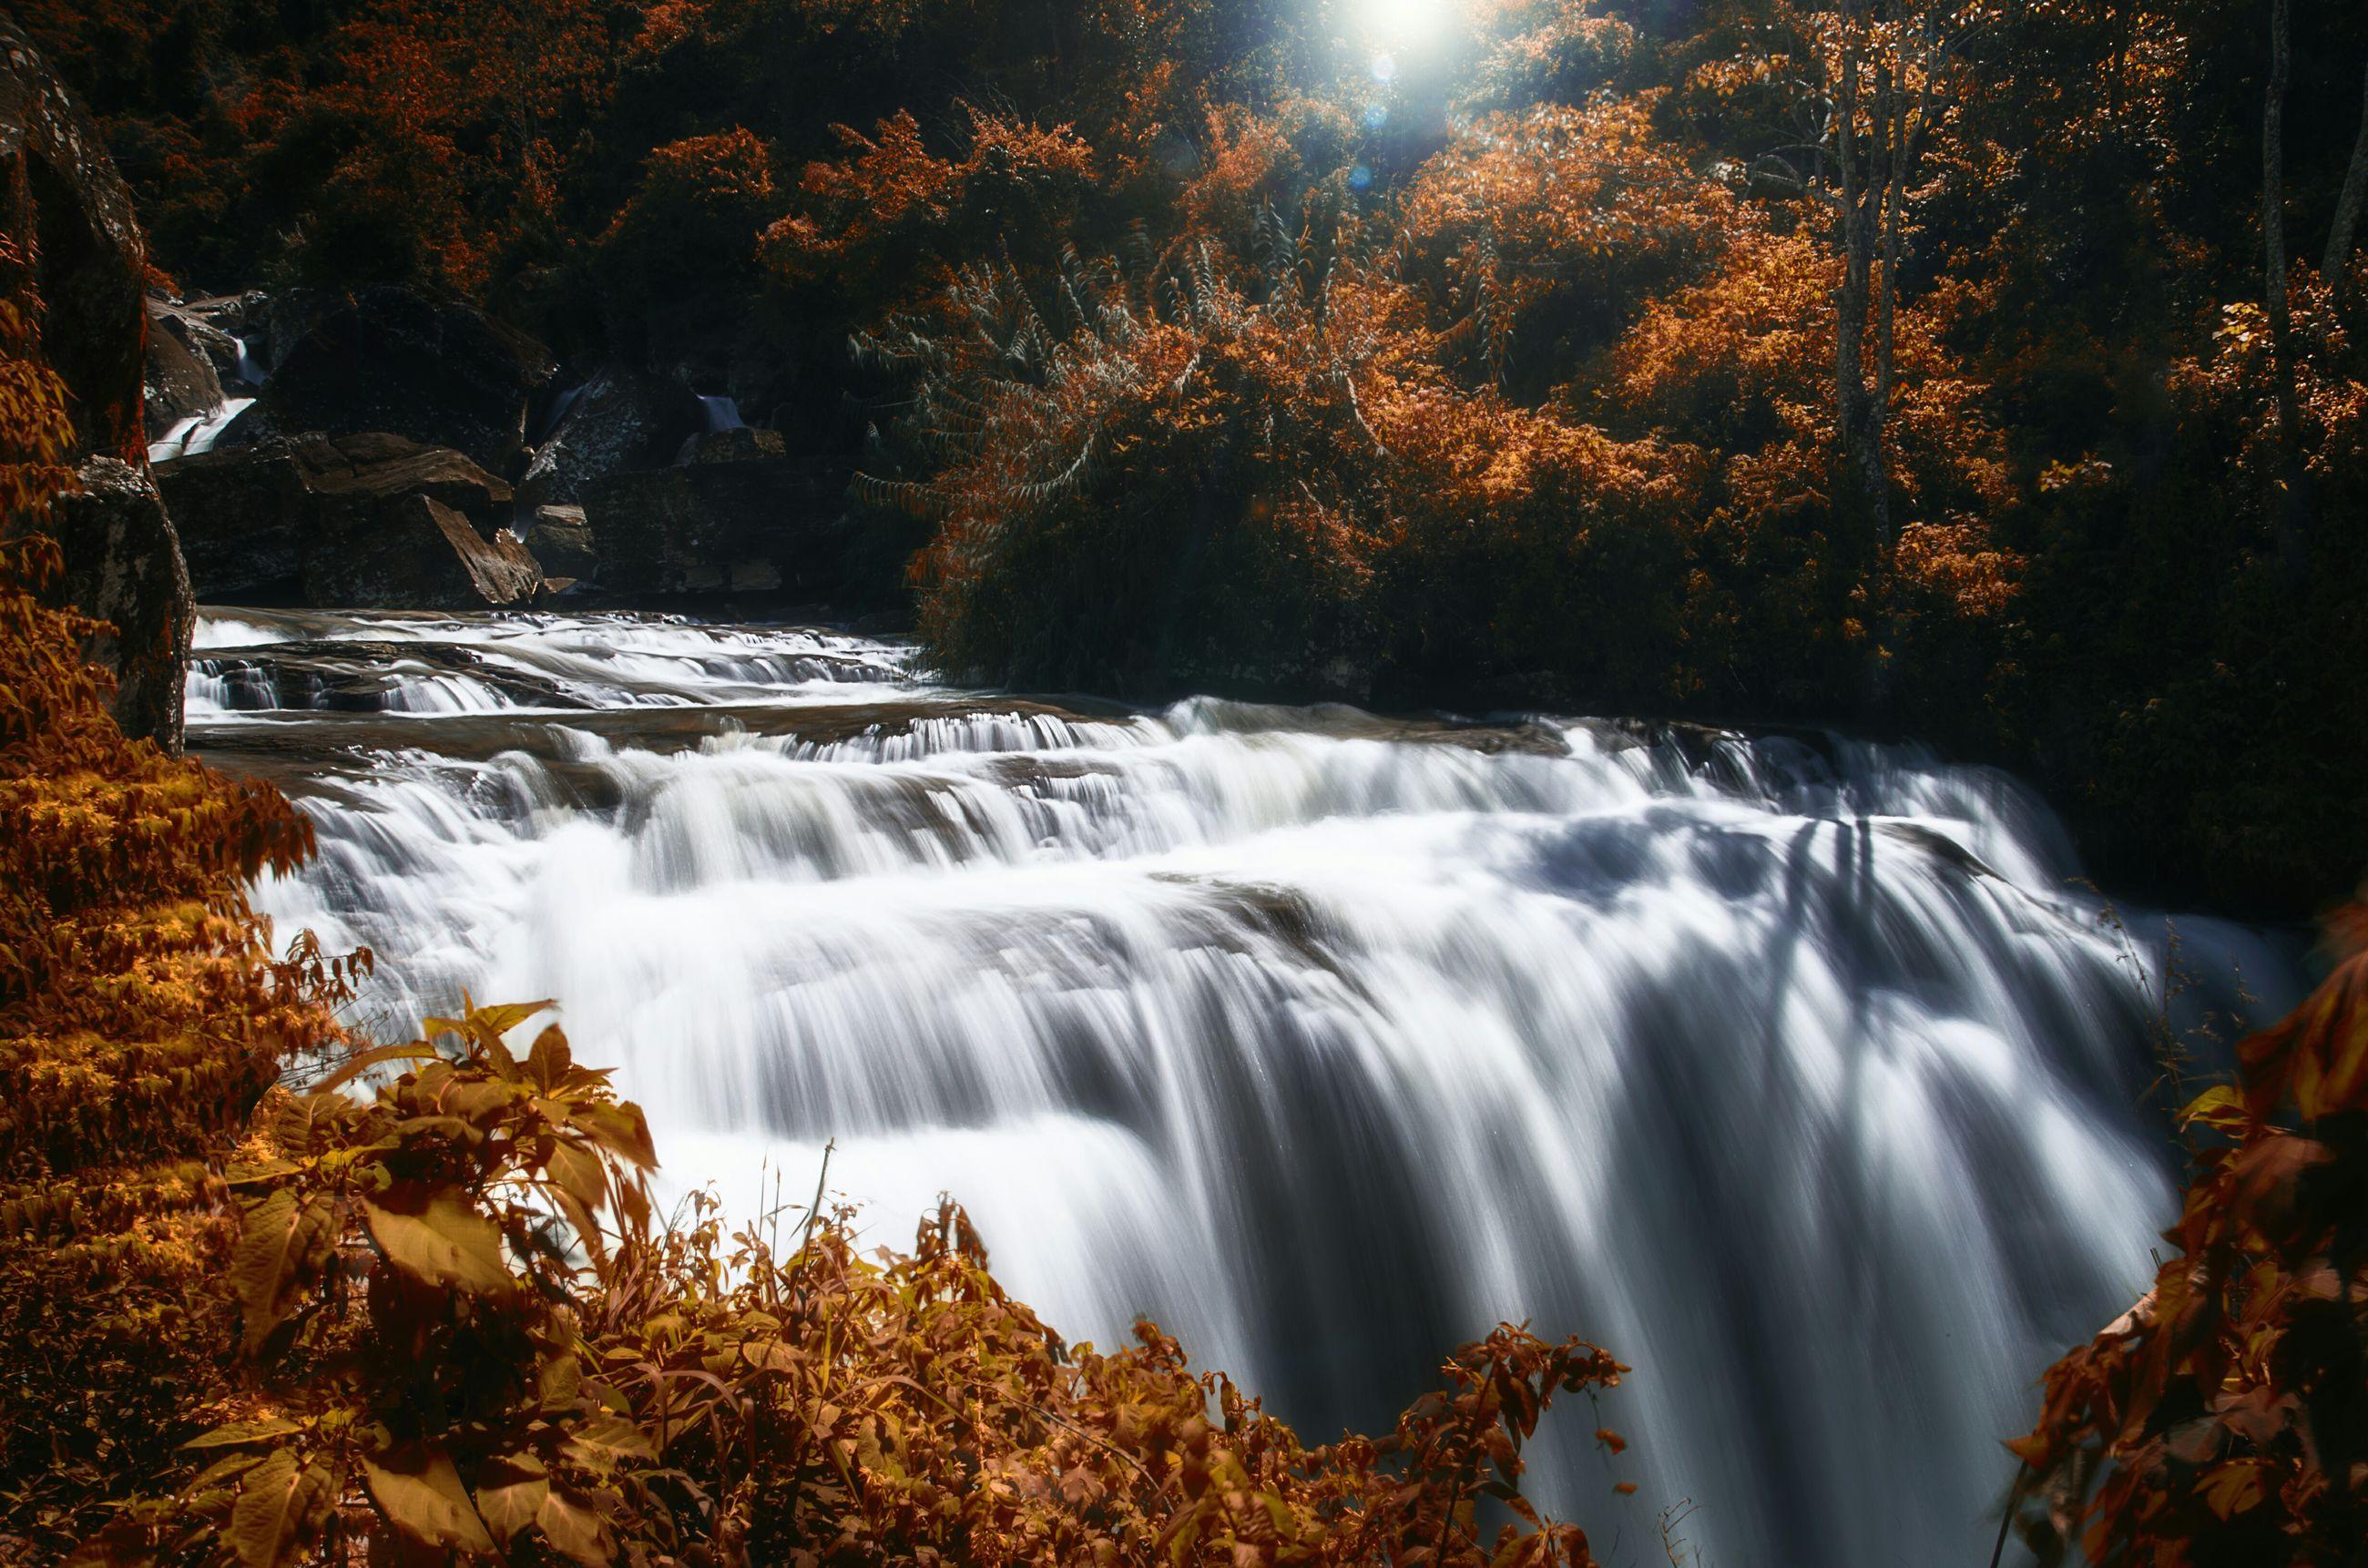 Scenic view of ramboda falls